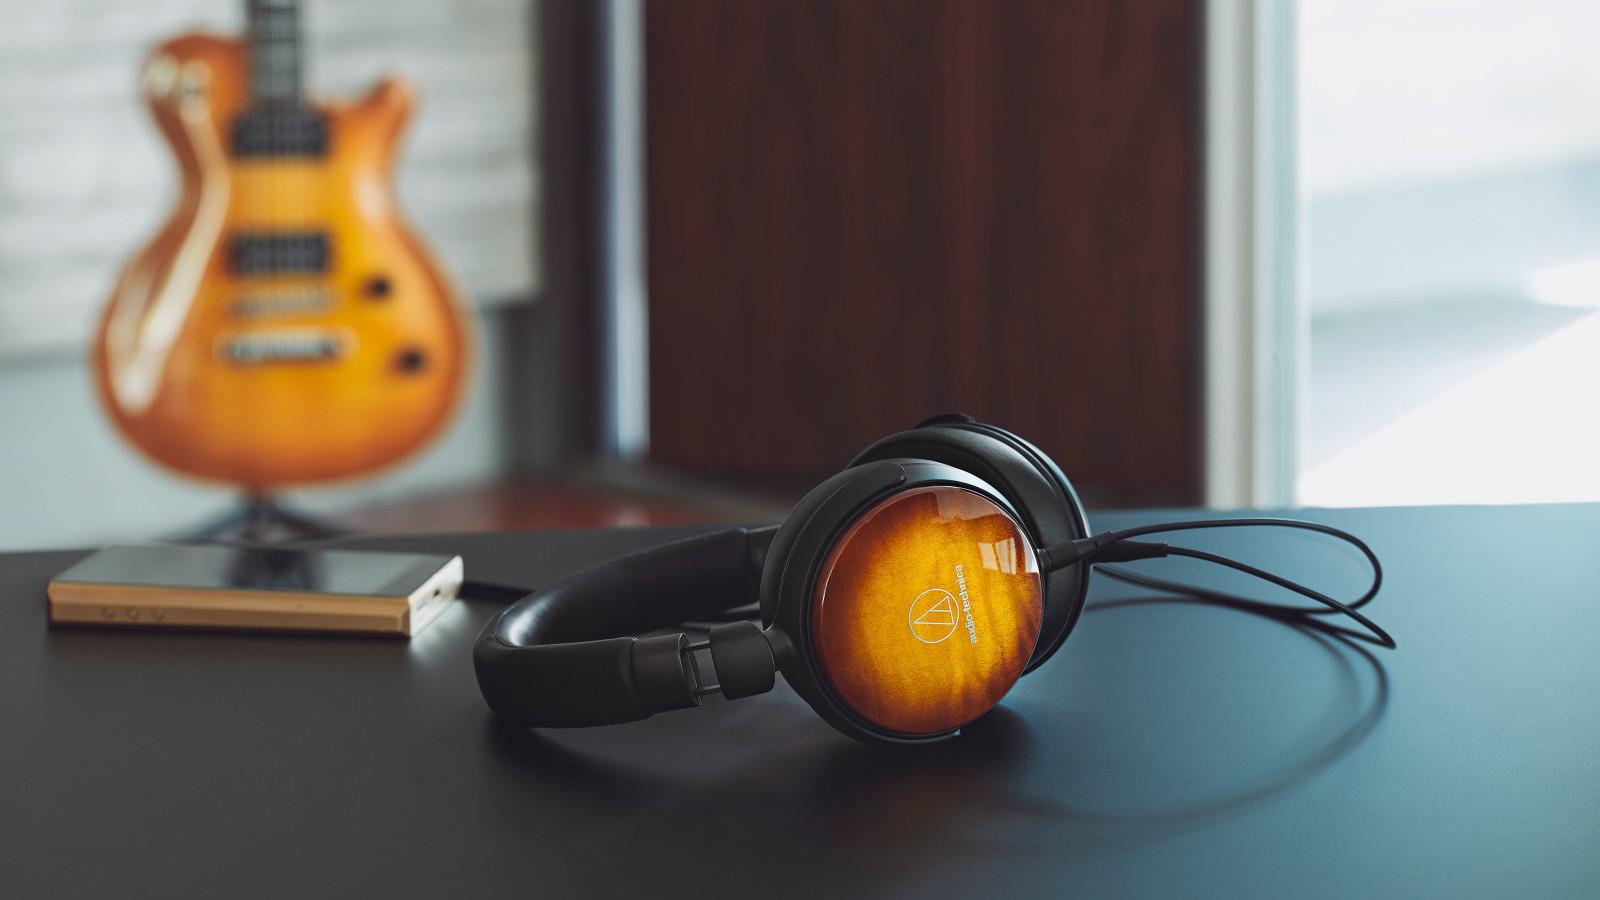 Der Audio-Technica ATH-WP900 ist ein Over-Ear-Kopfhörer im Holz-Design.